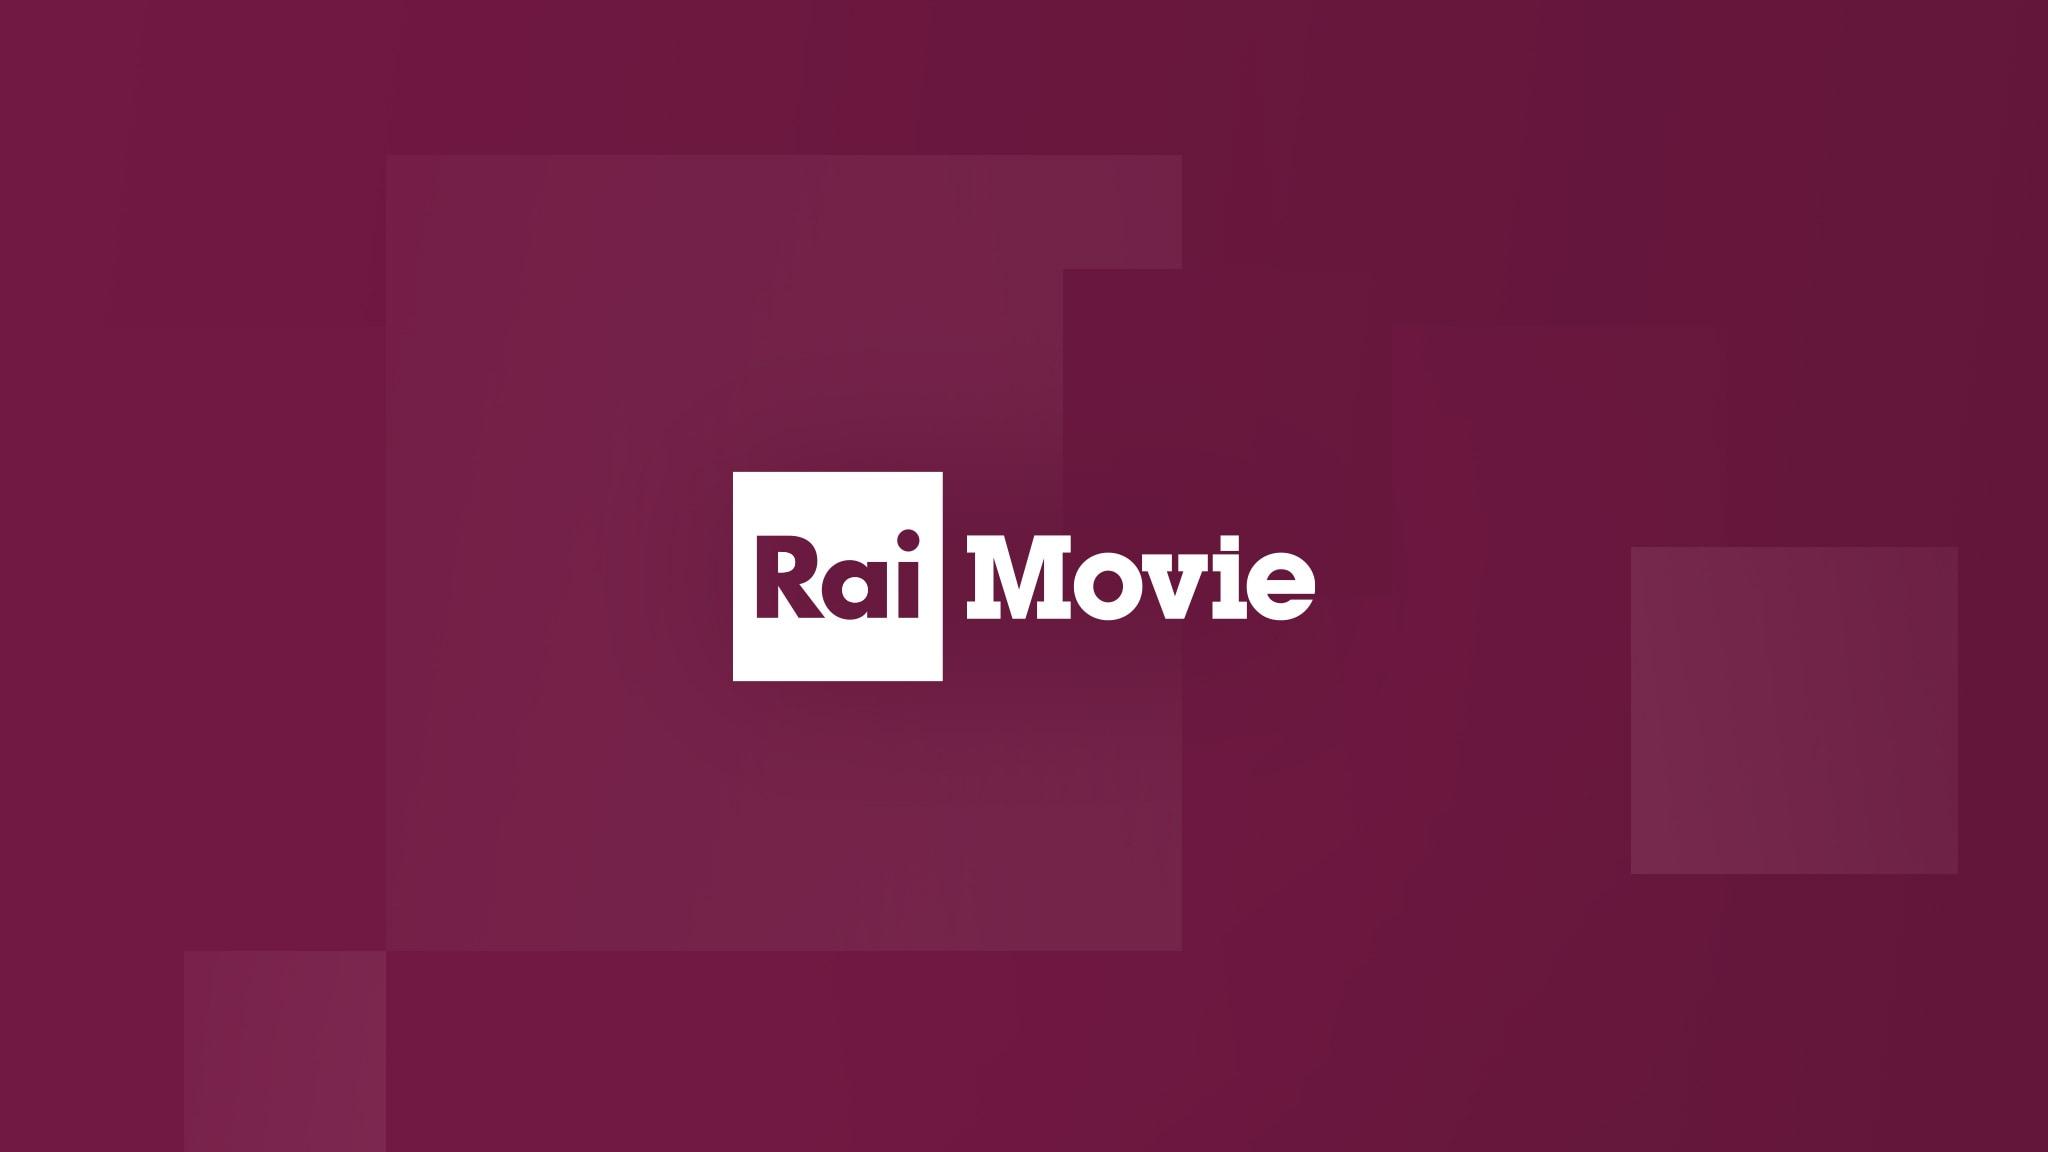 Rai Movie Gioco a due - The Thomas Crown Affair